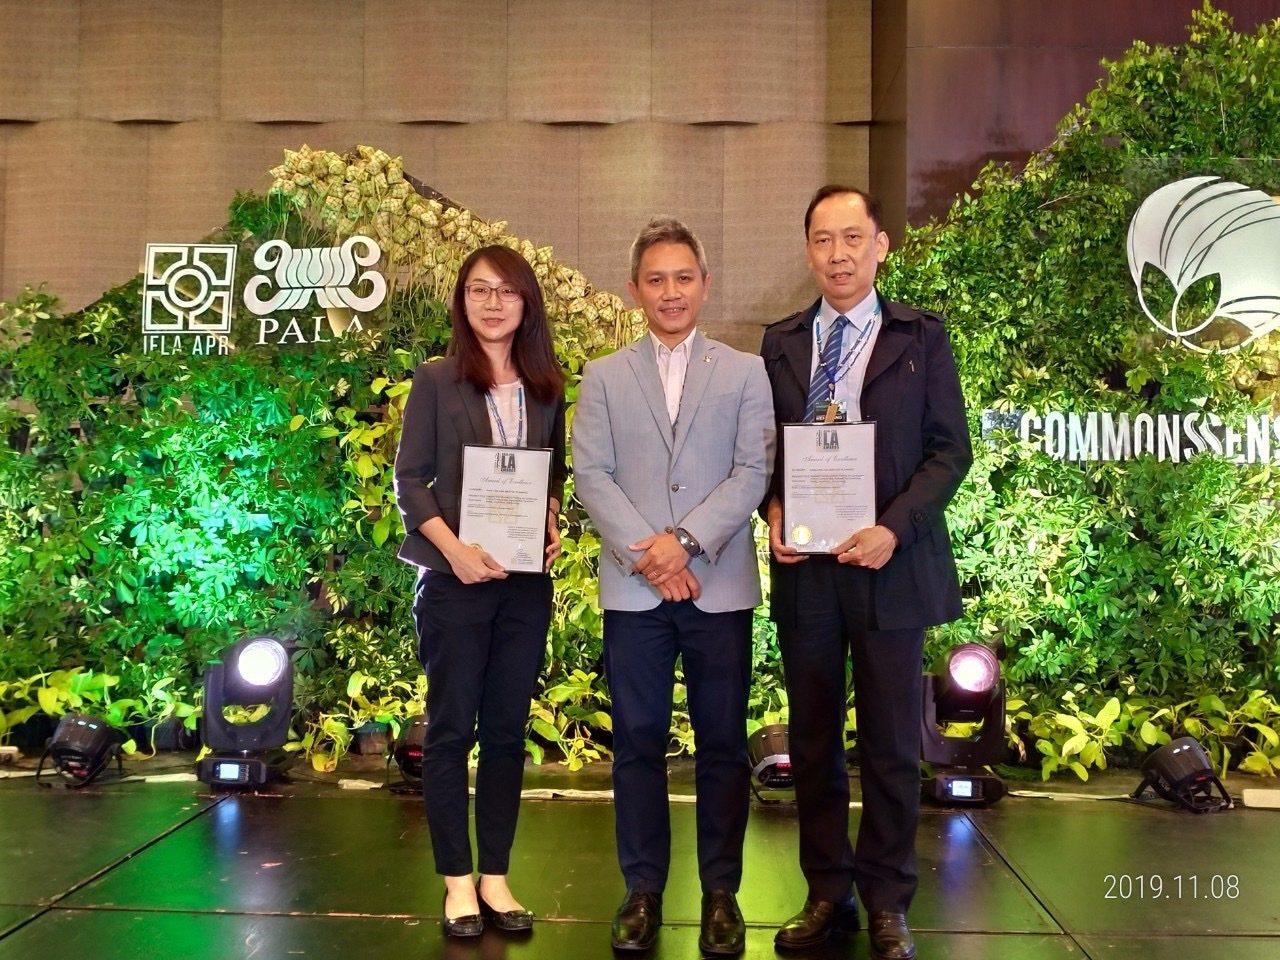 前往領獎的公路總局總工程司鄧文廣(右1)、景觀科吳雅如科長(左1)與頒獎人IFL...